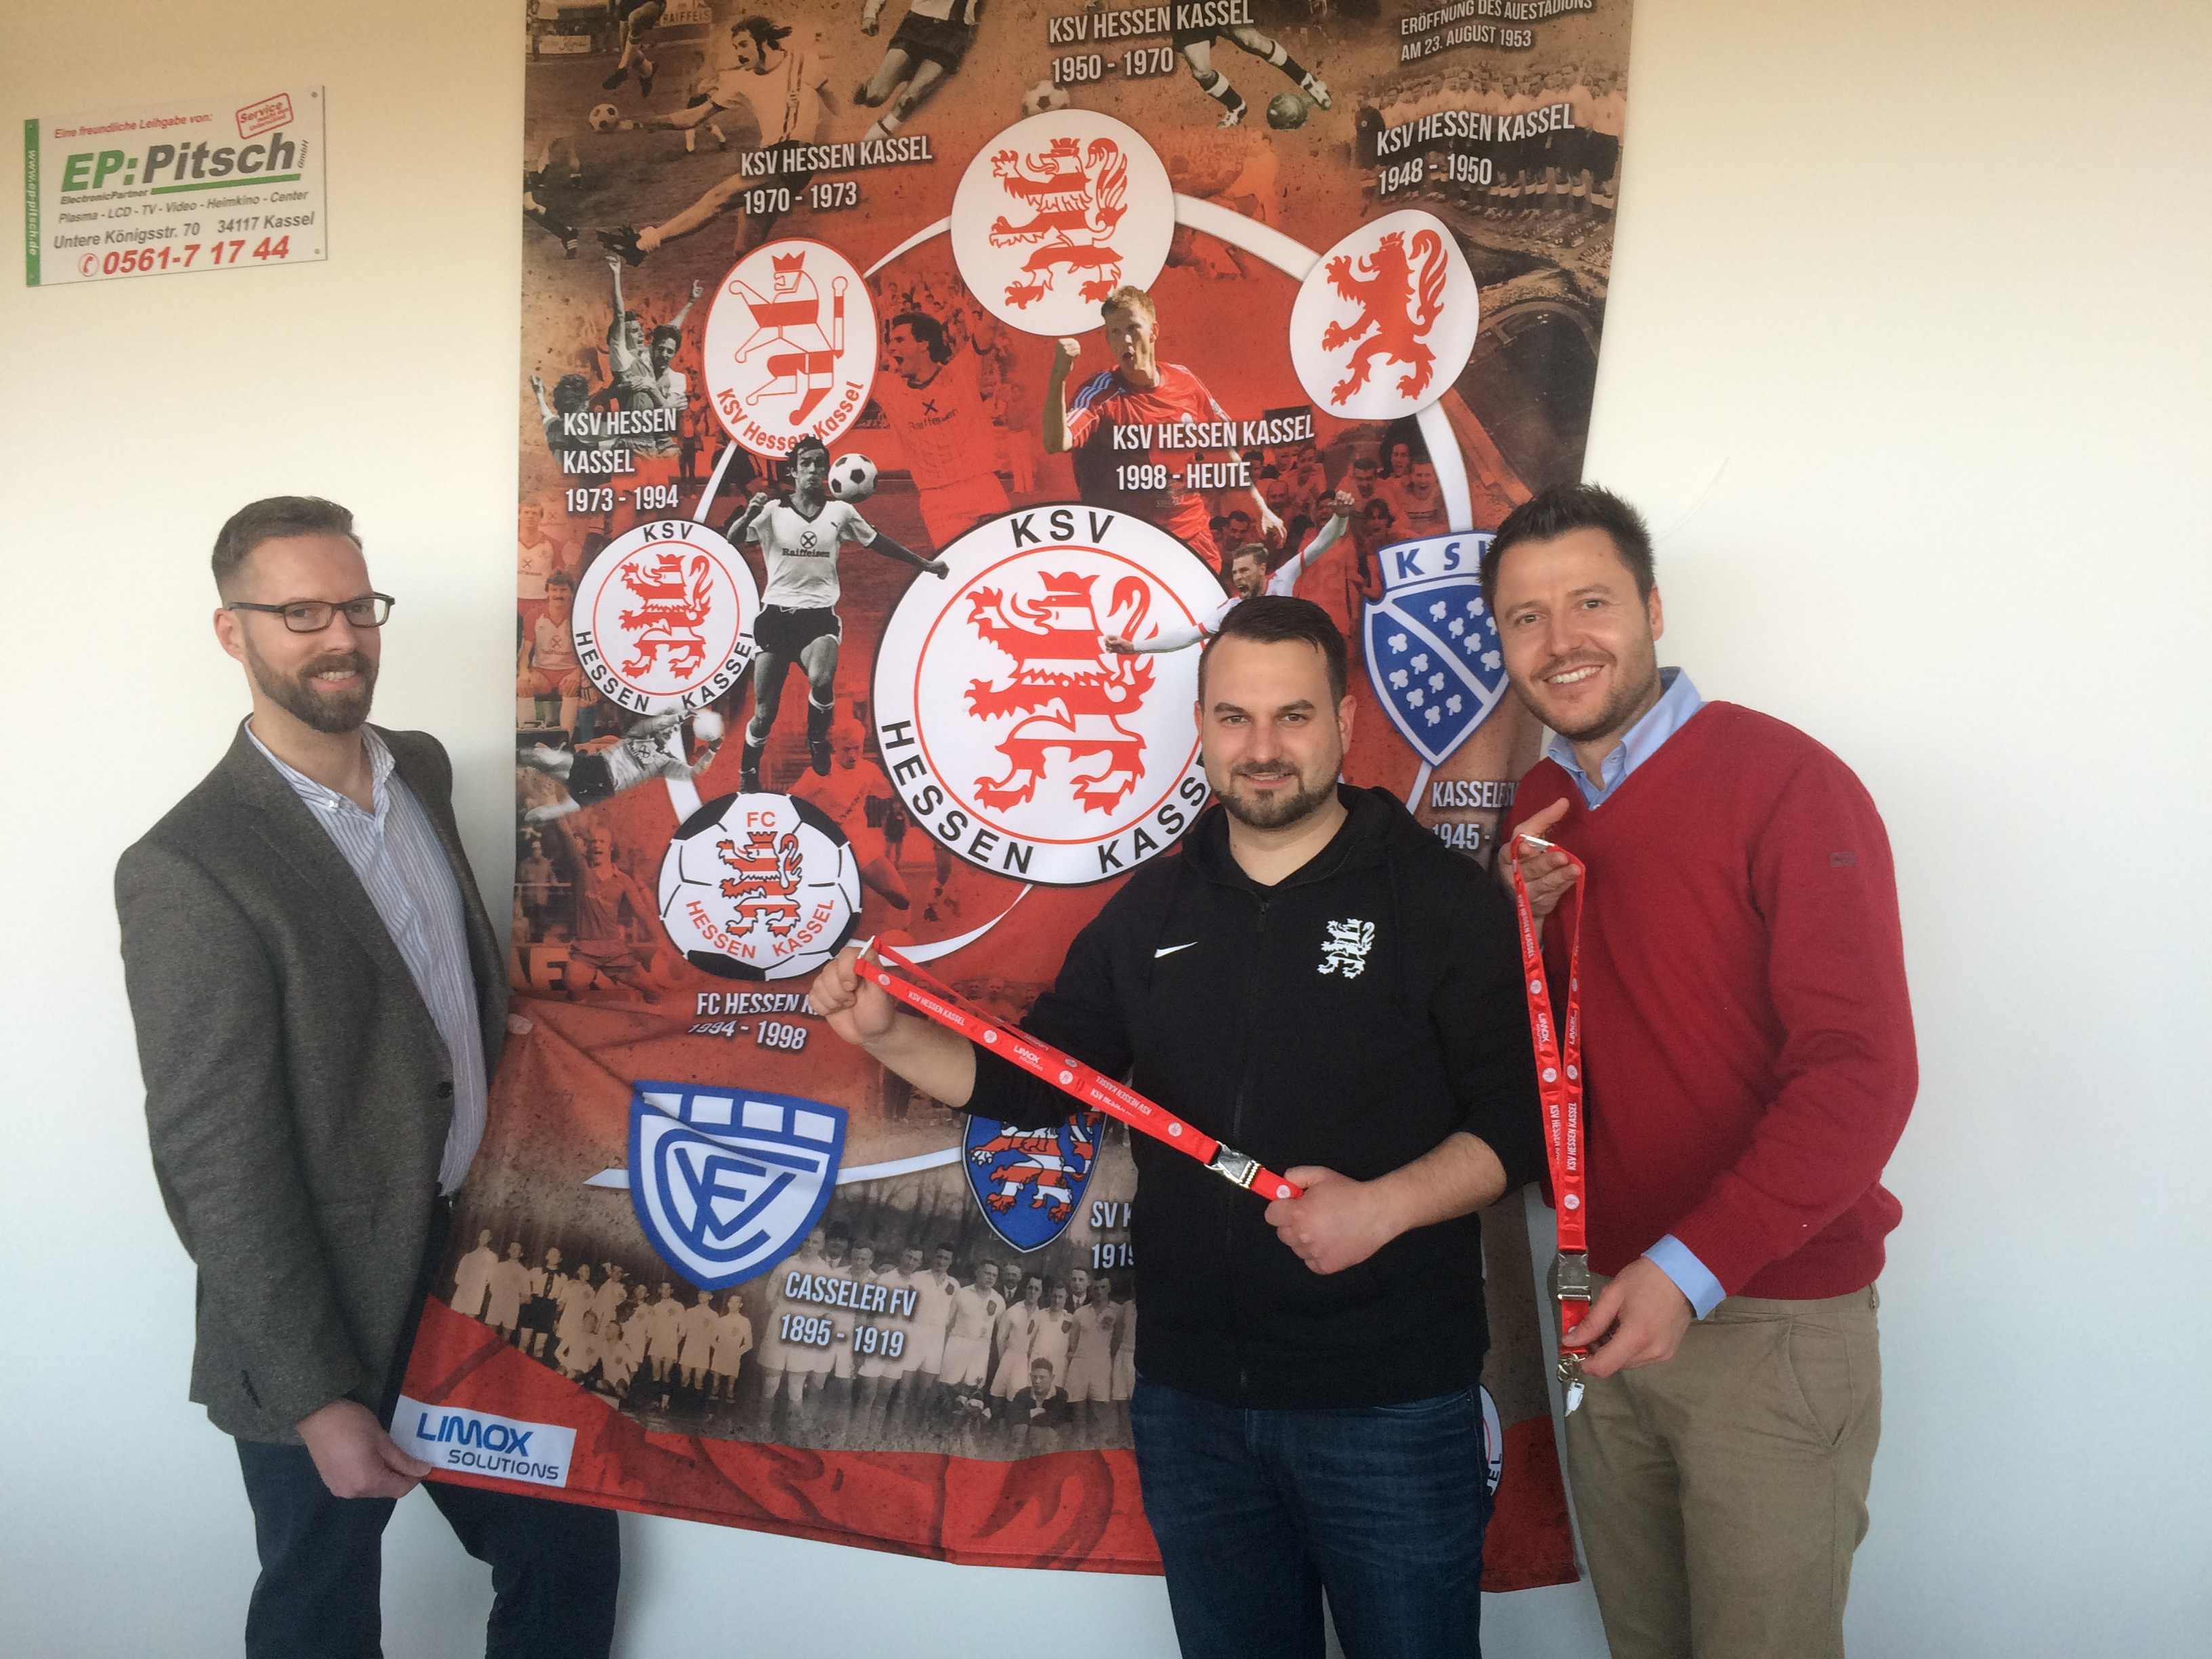 Limox pr�sentiert Banner im VIP-Raum: Christian Cnyrim, Tobias Zeller, Michael Krannich